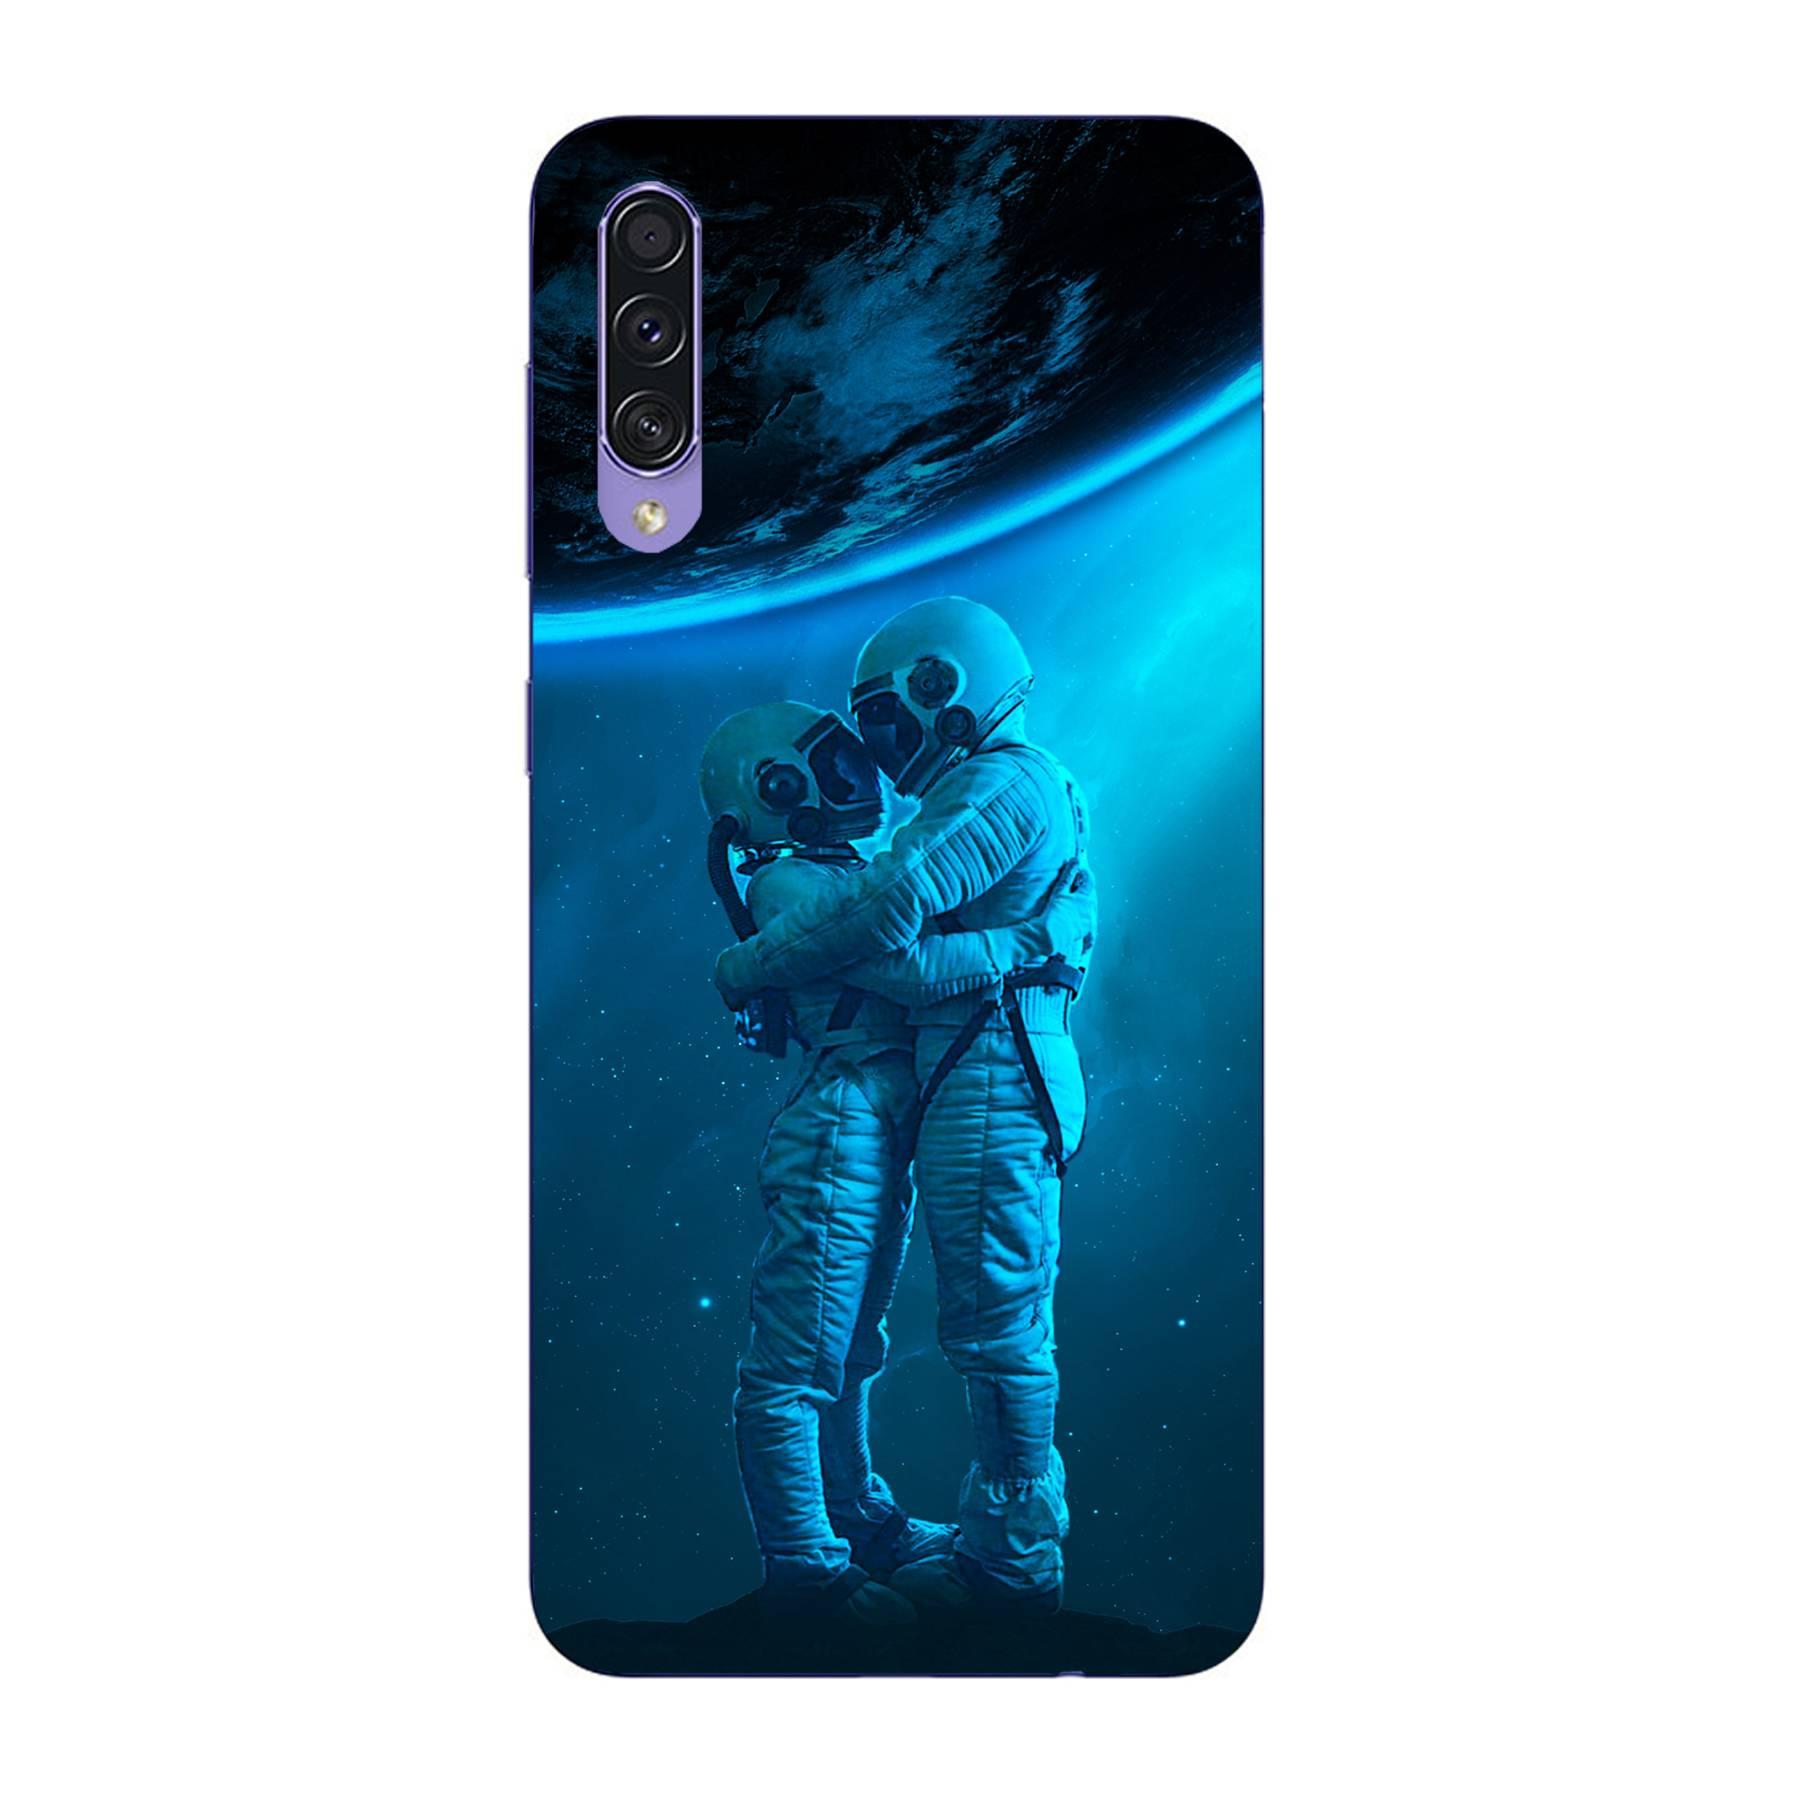 E-pic szilikon védő tok / hátlap - Szerelmes űrhajós pár mintás - SAMSUNG Galaxy A50s (SM-A507F/DS / SM-A507FN/DS)